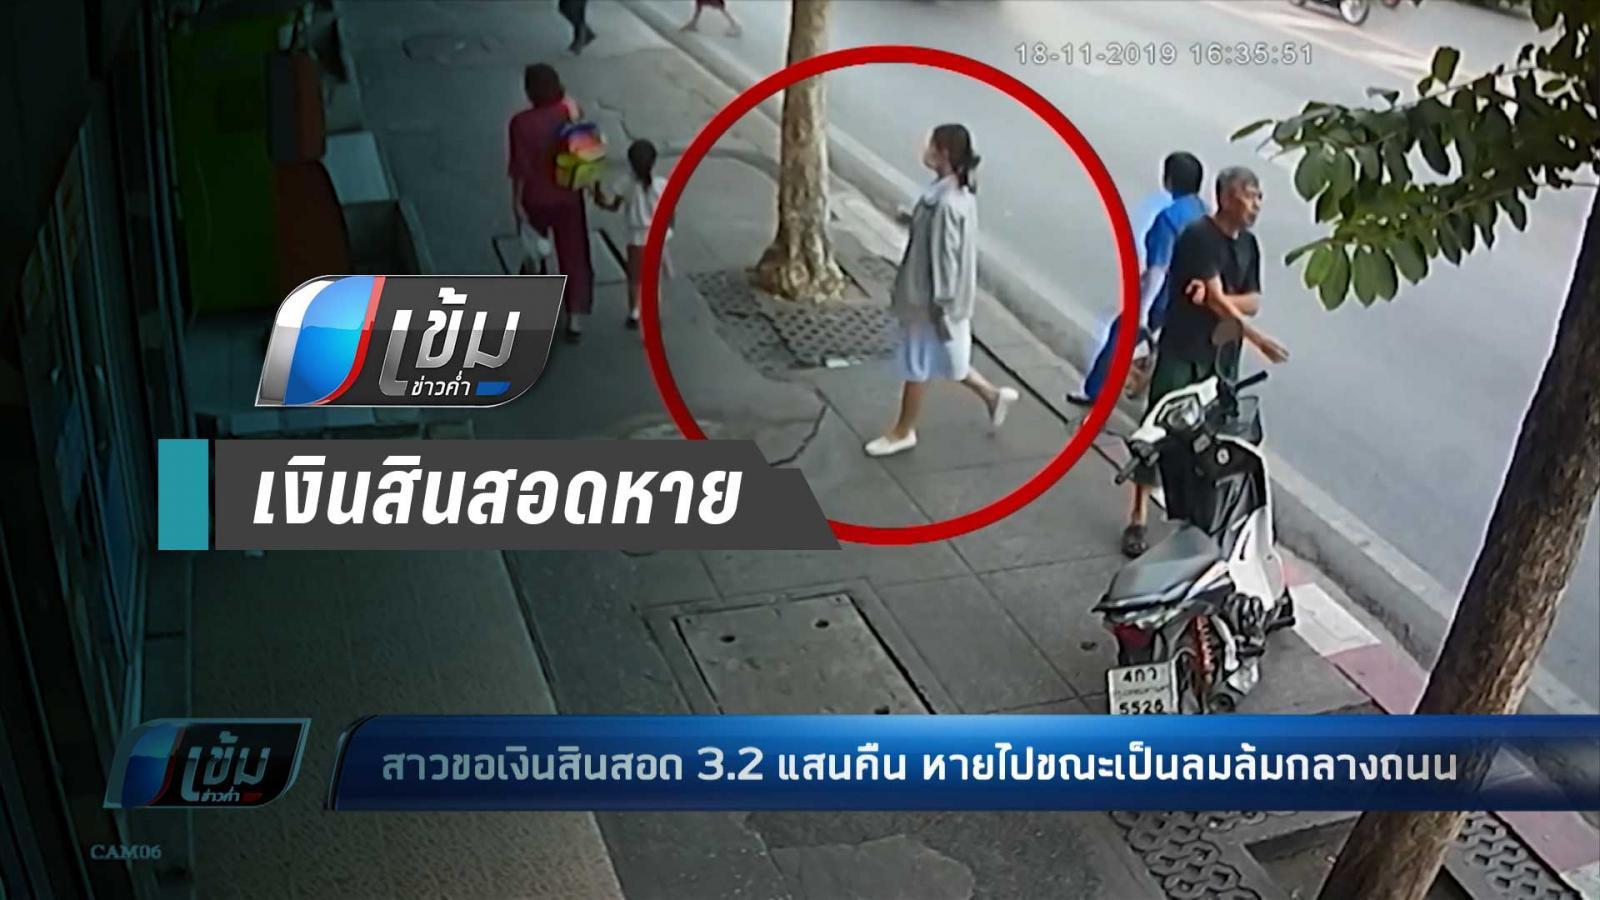 สาวขอเงินสินสอด 3.2 แสนคืน หายไปขณะเป็นลมล้มกลางถนน